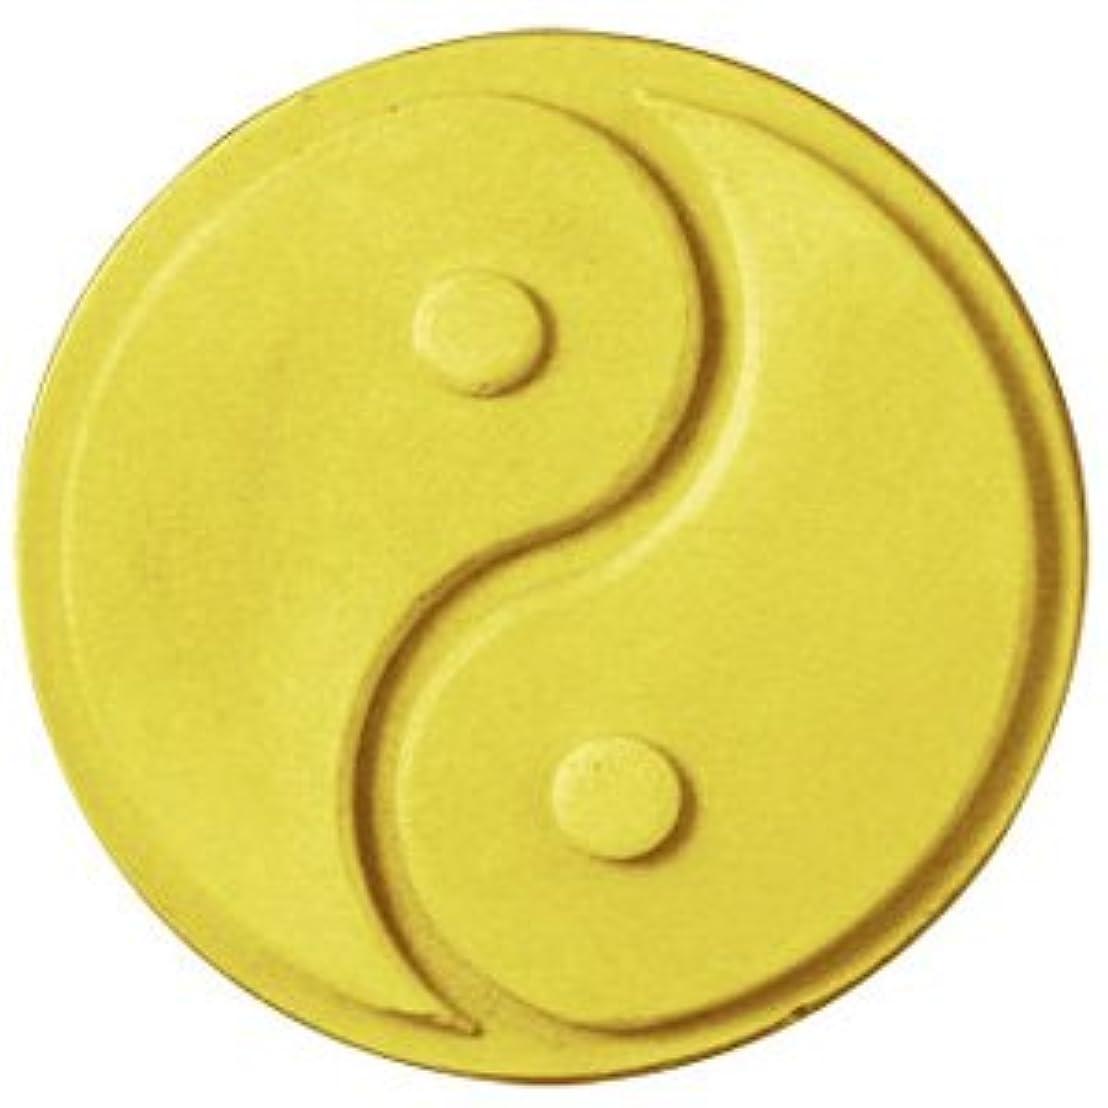 常習的穿孔する溶融ミルキーウェイ イン&ヤン 陰陽 【ソープモールド/石鹸型/シートモールド】